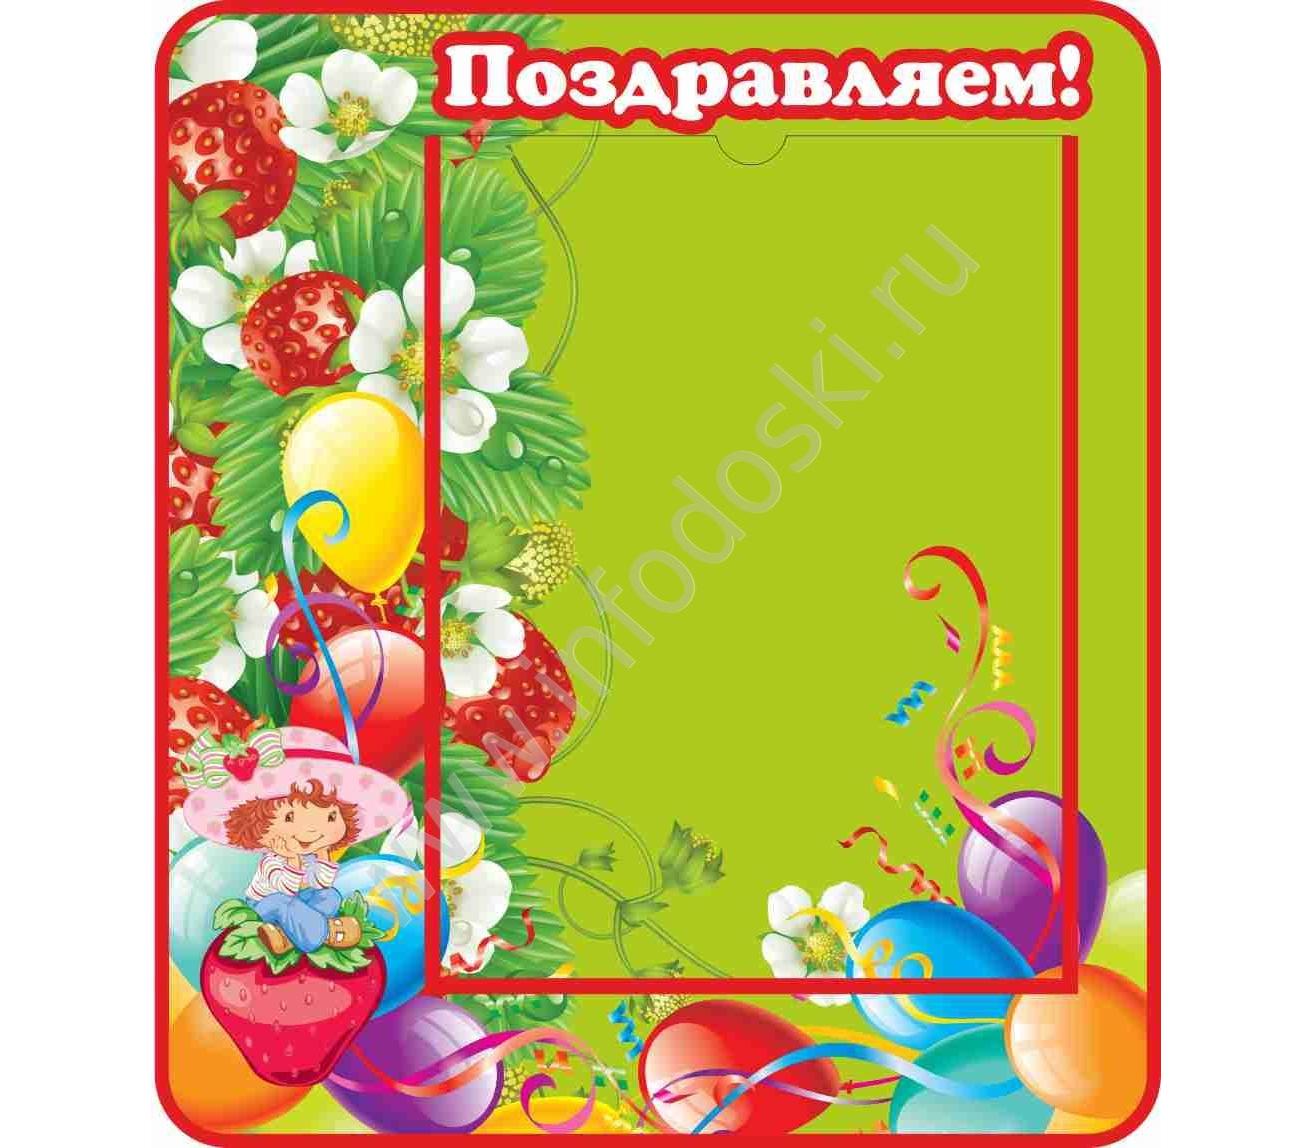 Картинки, картинки к стенду поздравления с днем рождения в детском саду